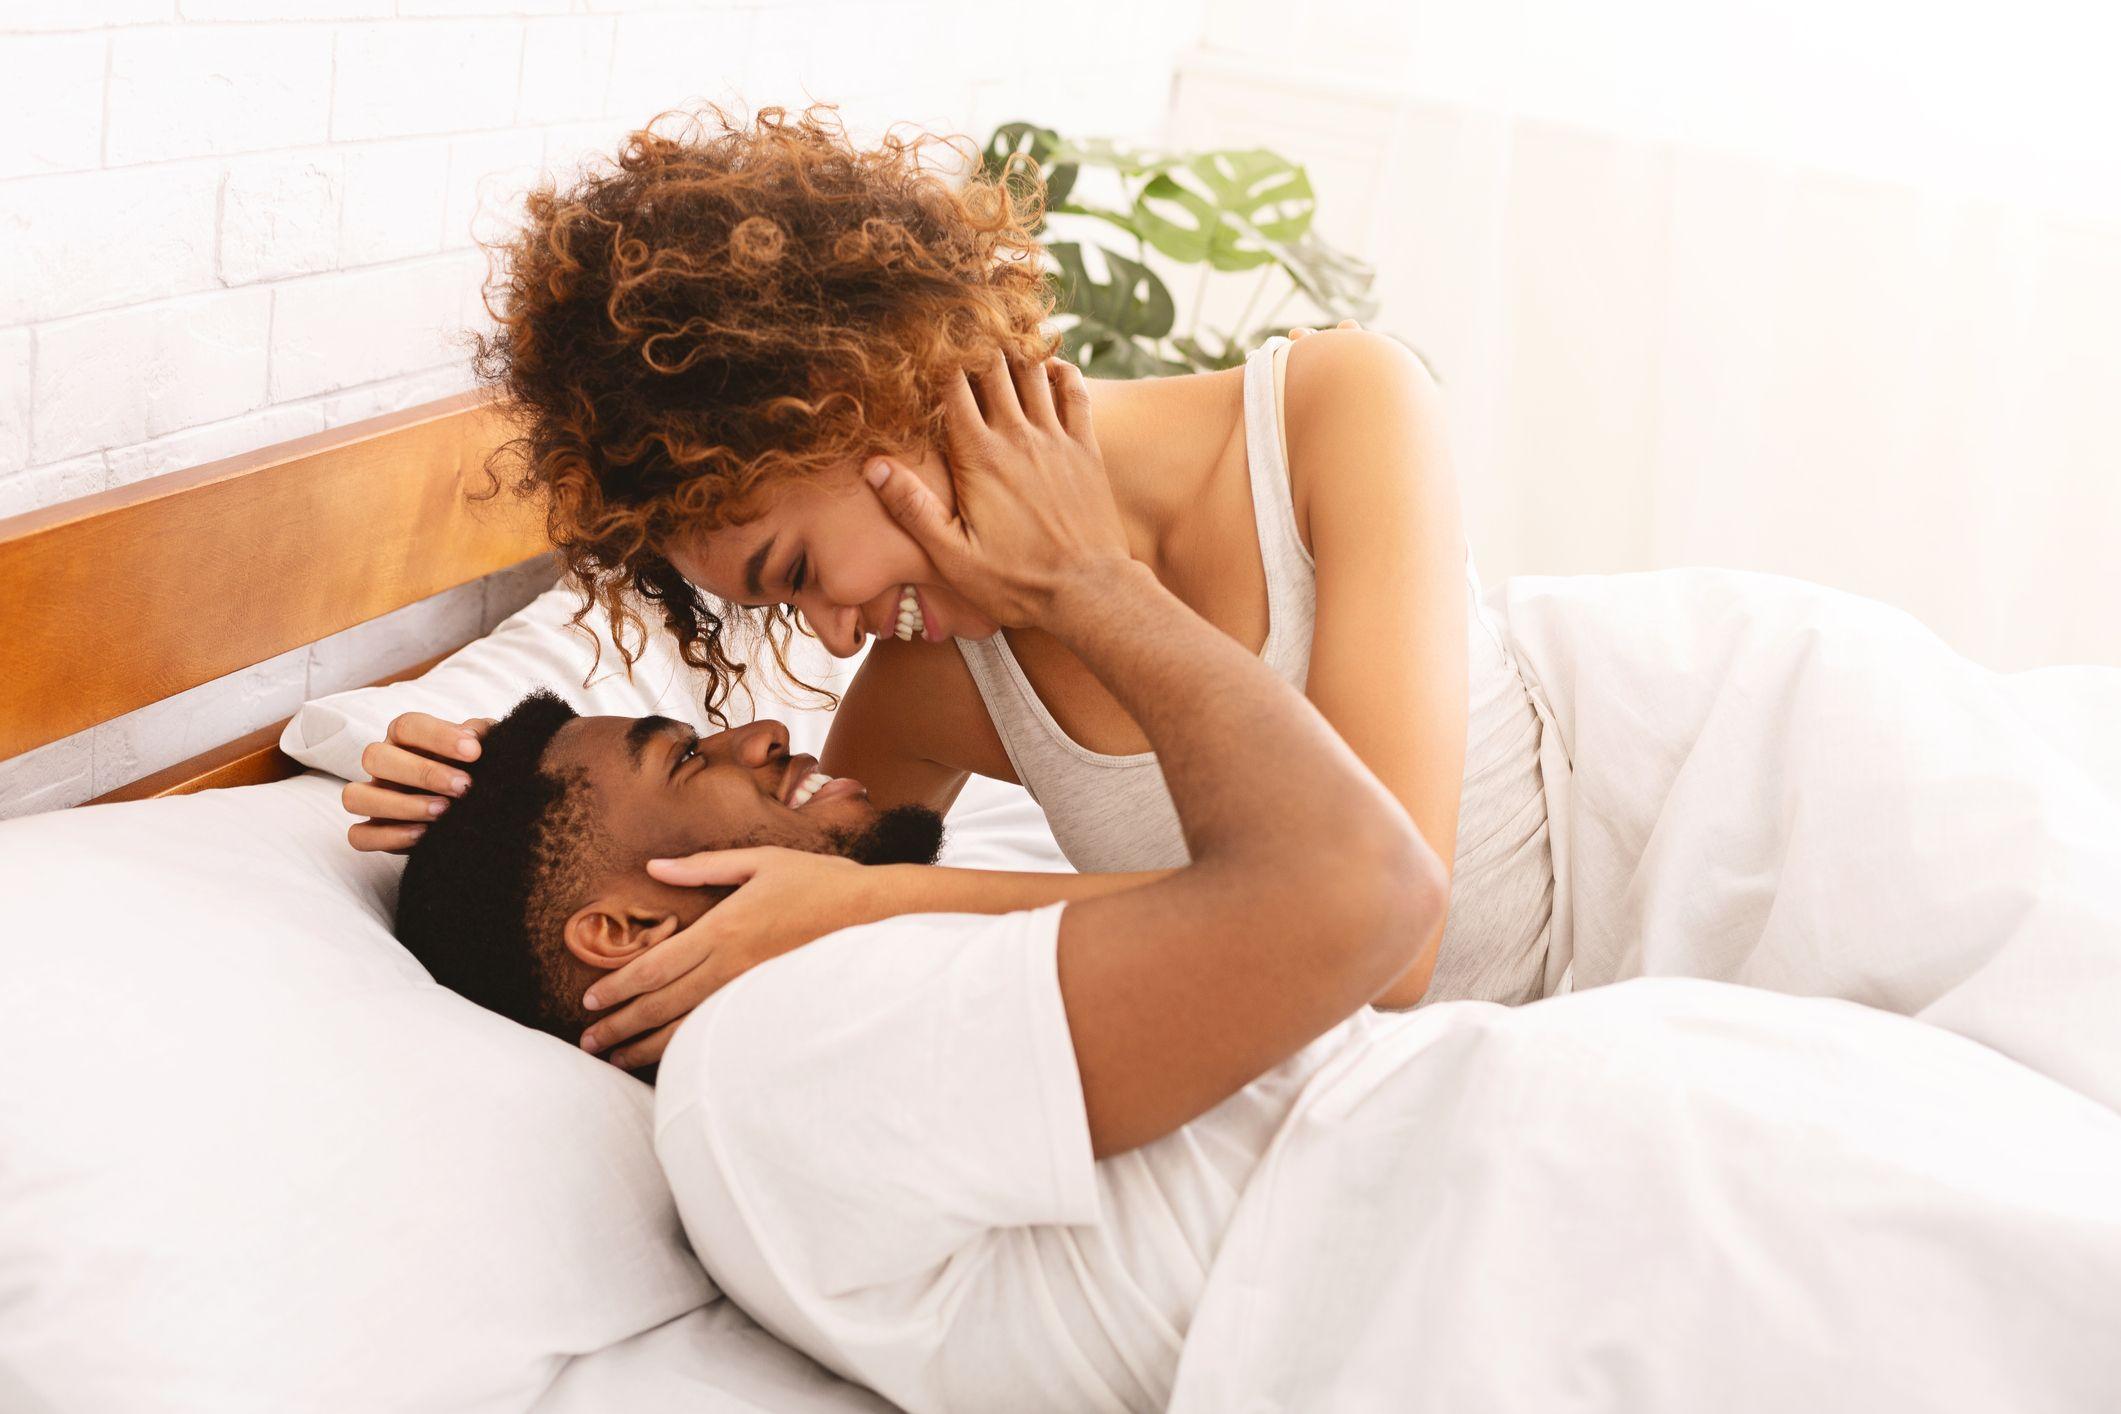 Young Couple Public Sex